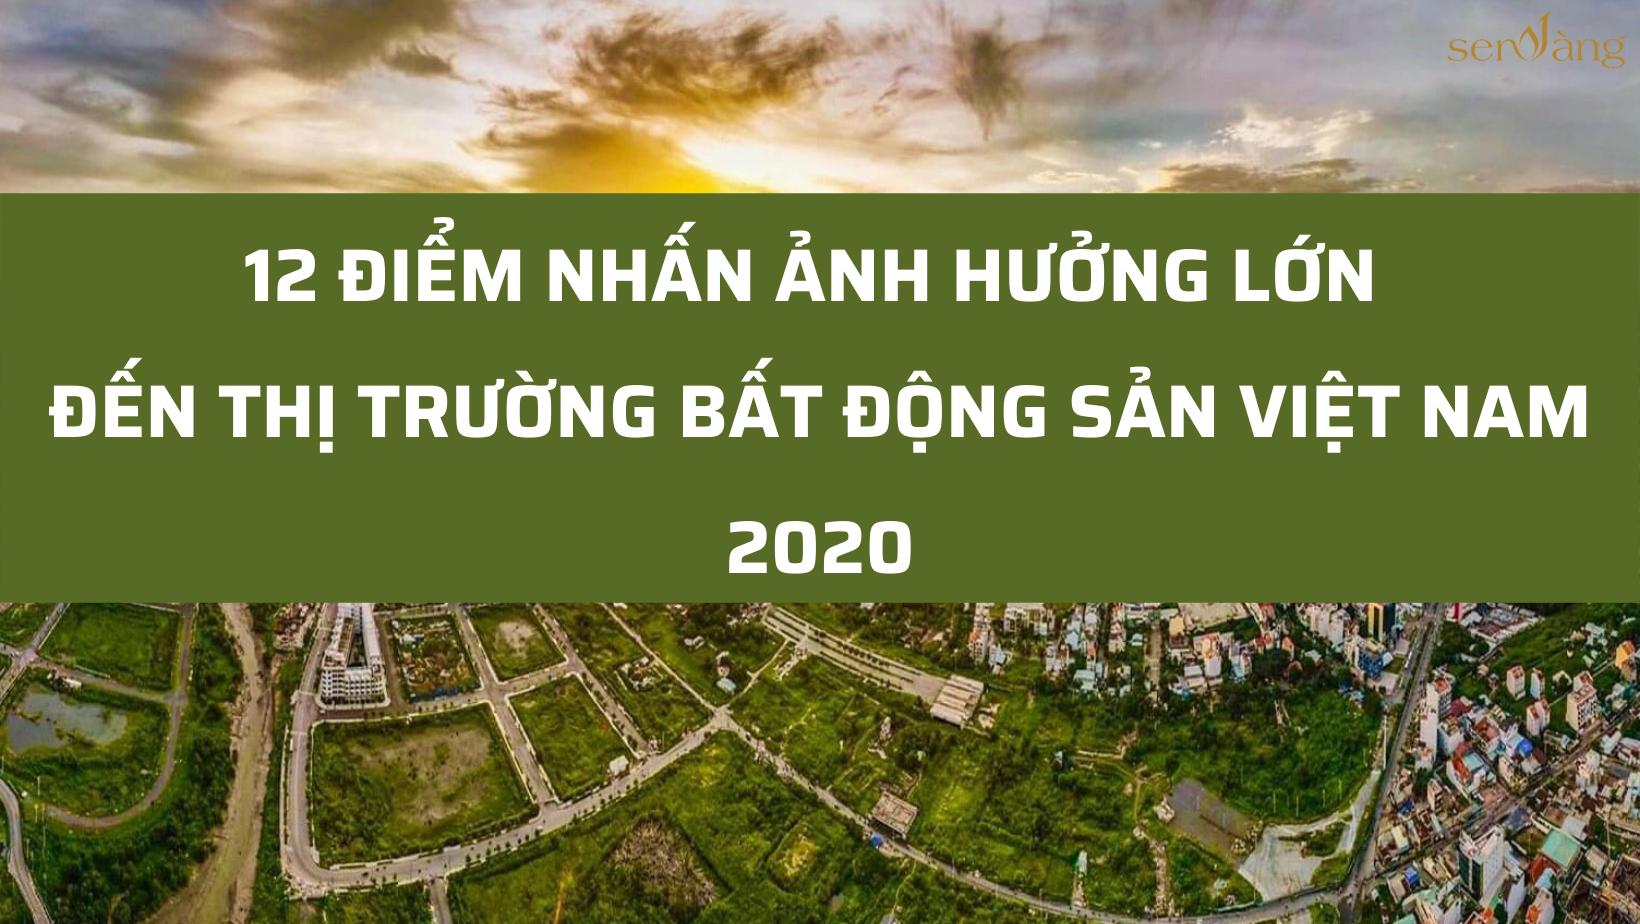 12 điểm nhấn ảnh hưởng lớn đến thị trường Bất động sản Việt Nam 2020